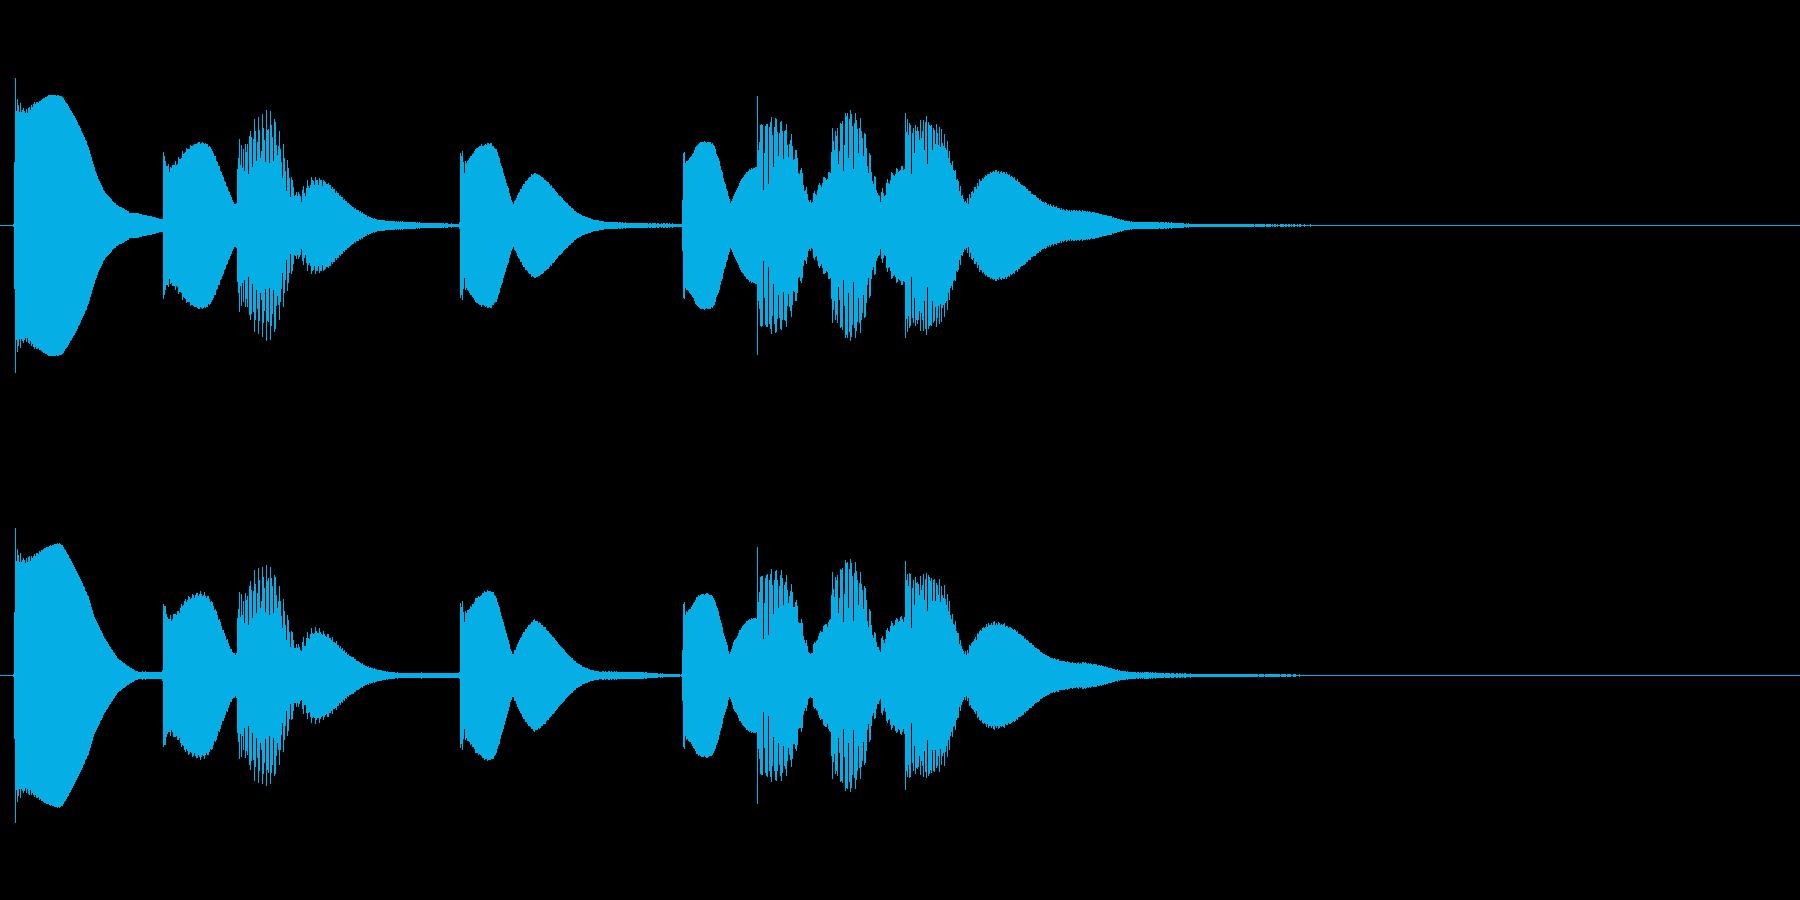 ほのぼのSEの再生済みの波形